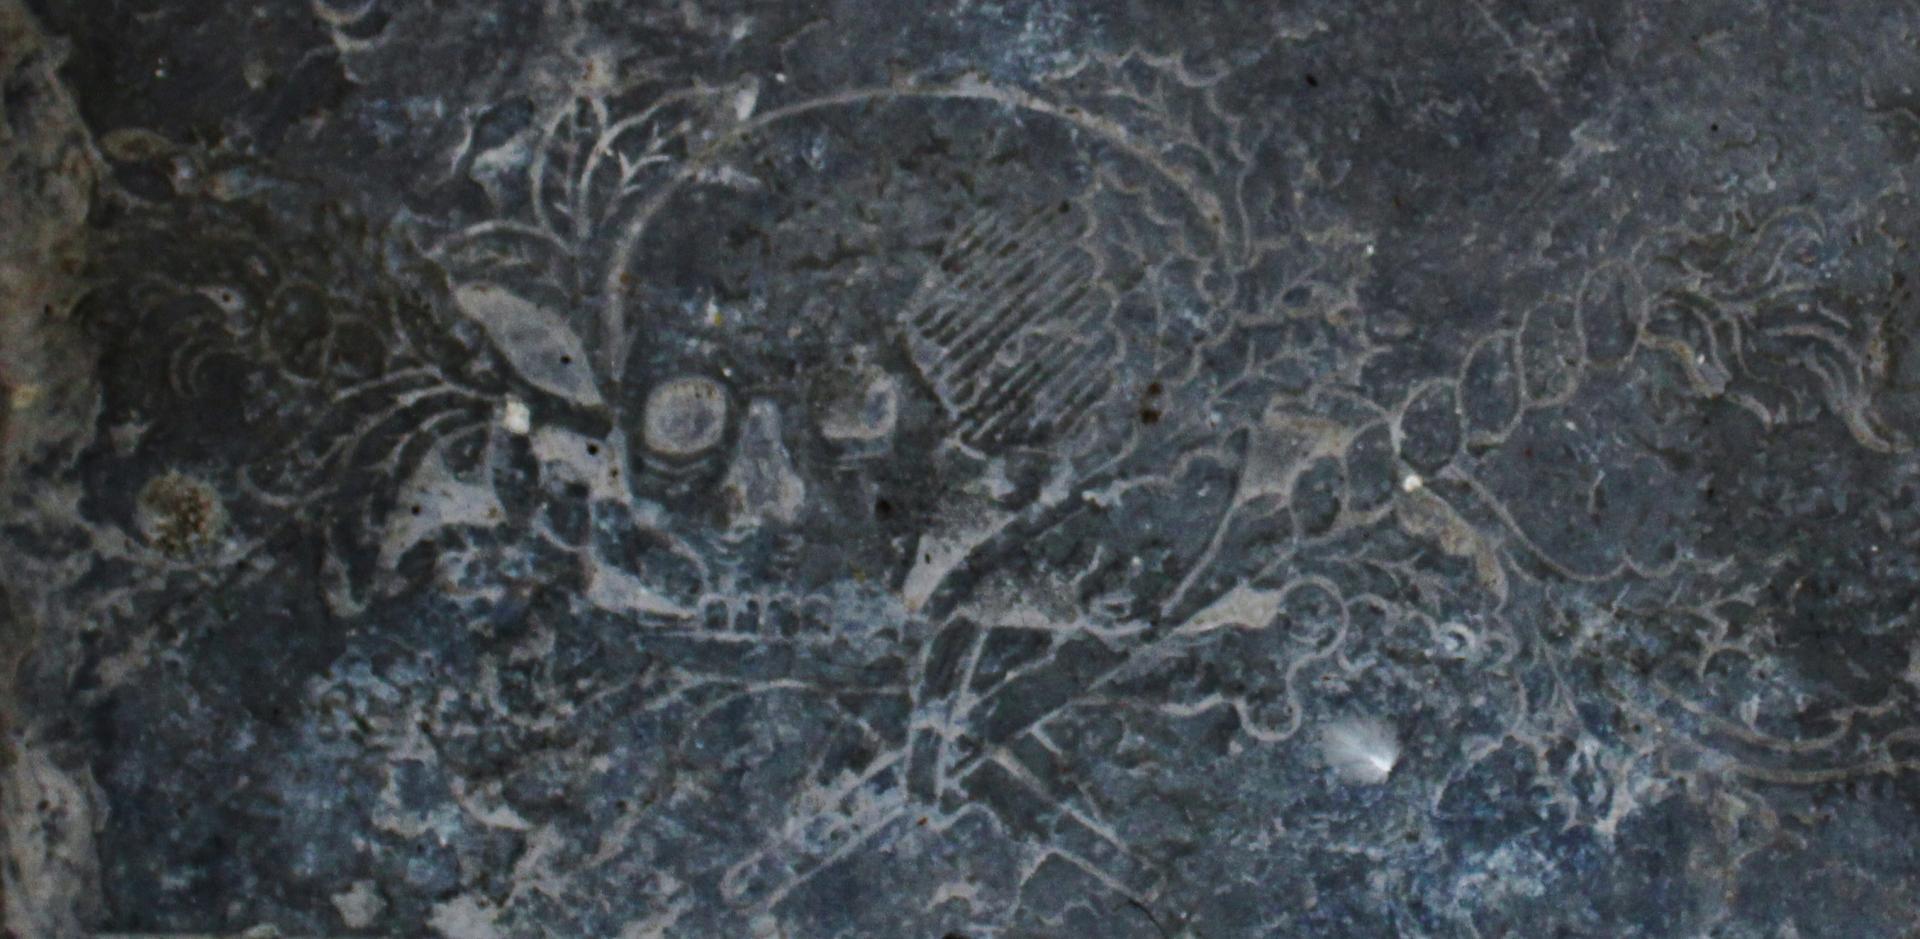 Tete de mort calais 1740